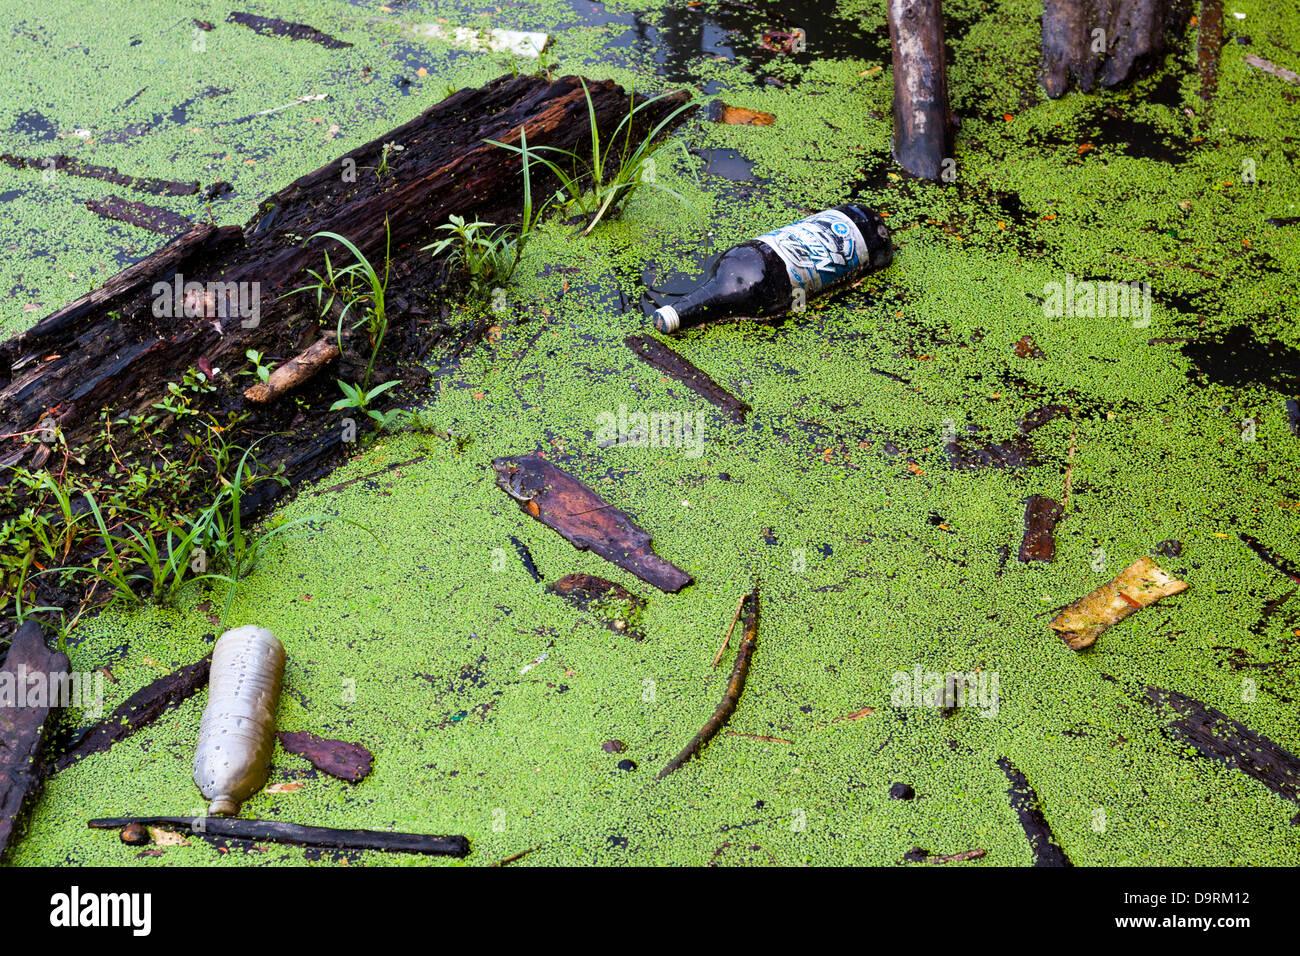 Pollution in the Scioto river in Columbus, Ohio, USA. - Stock Image